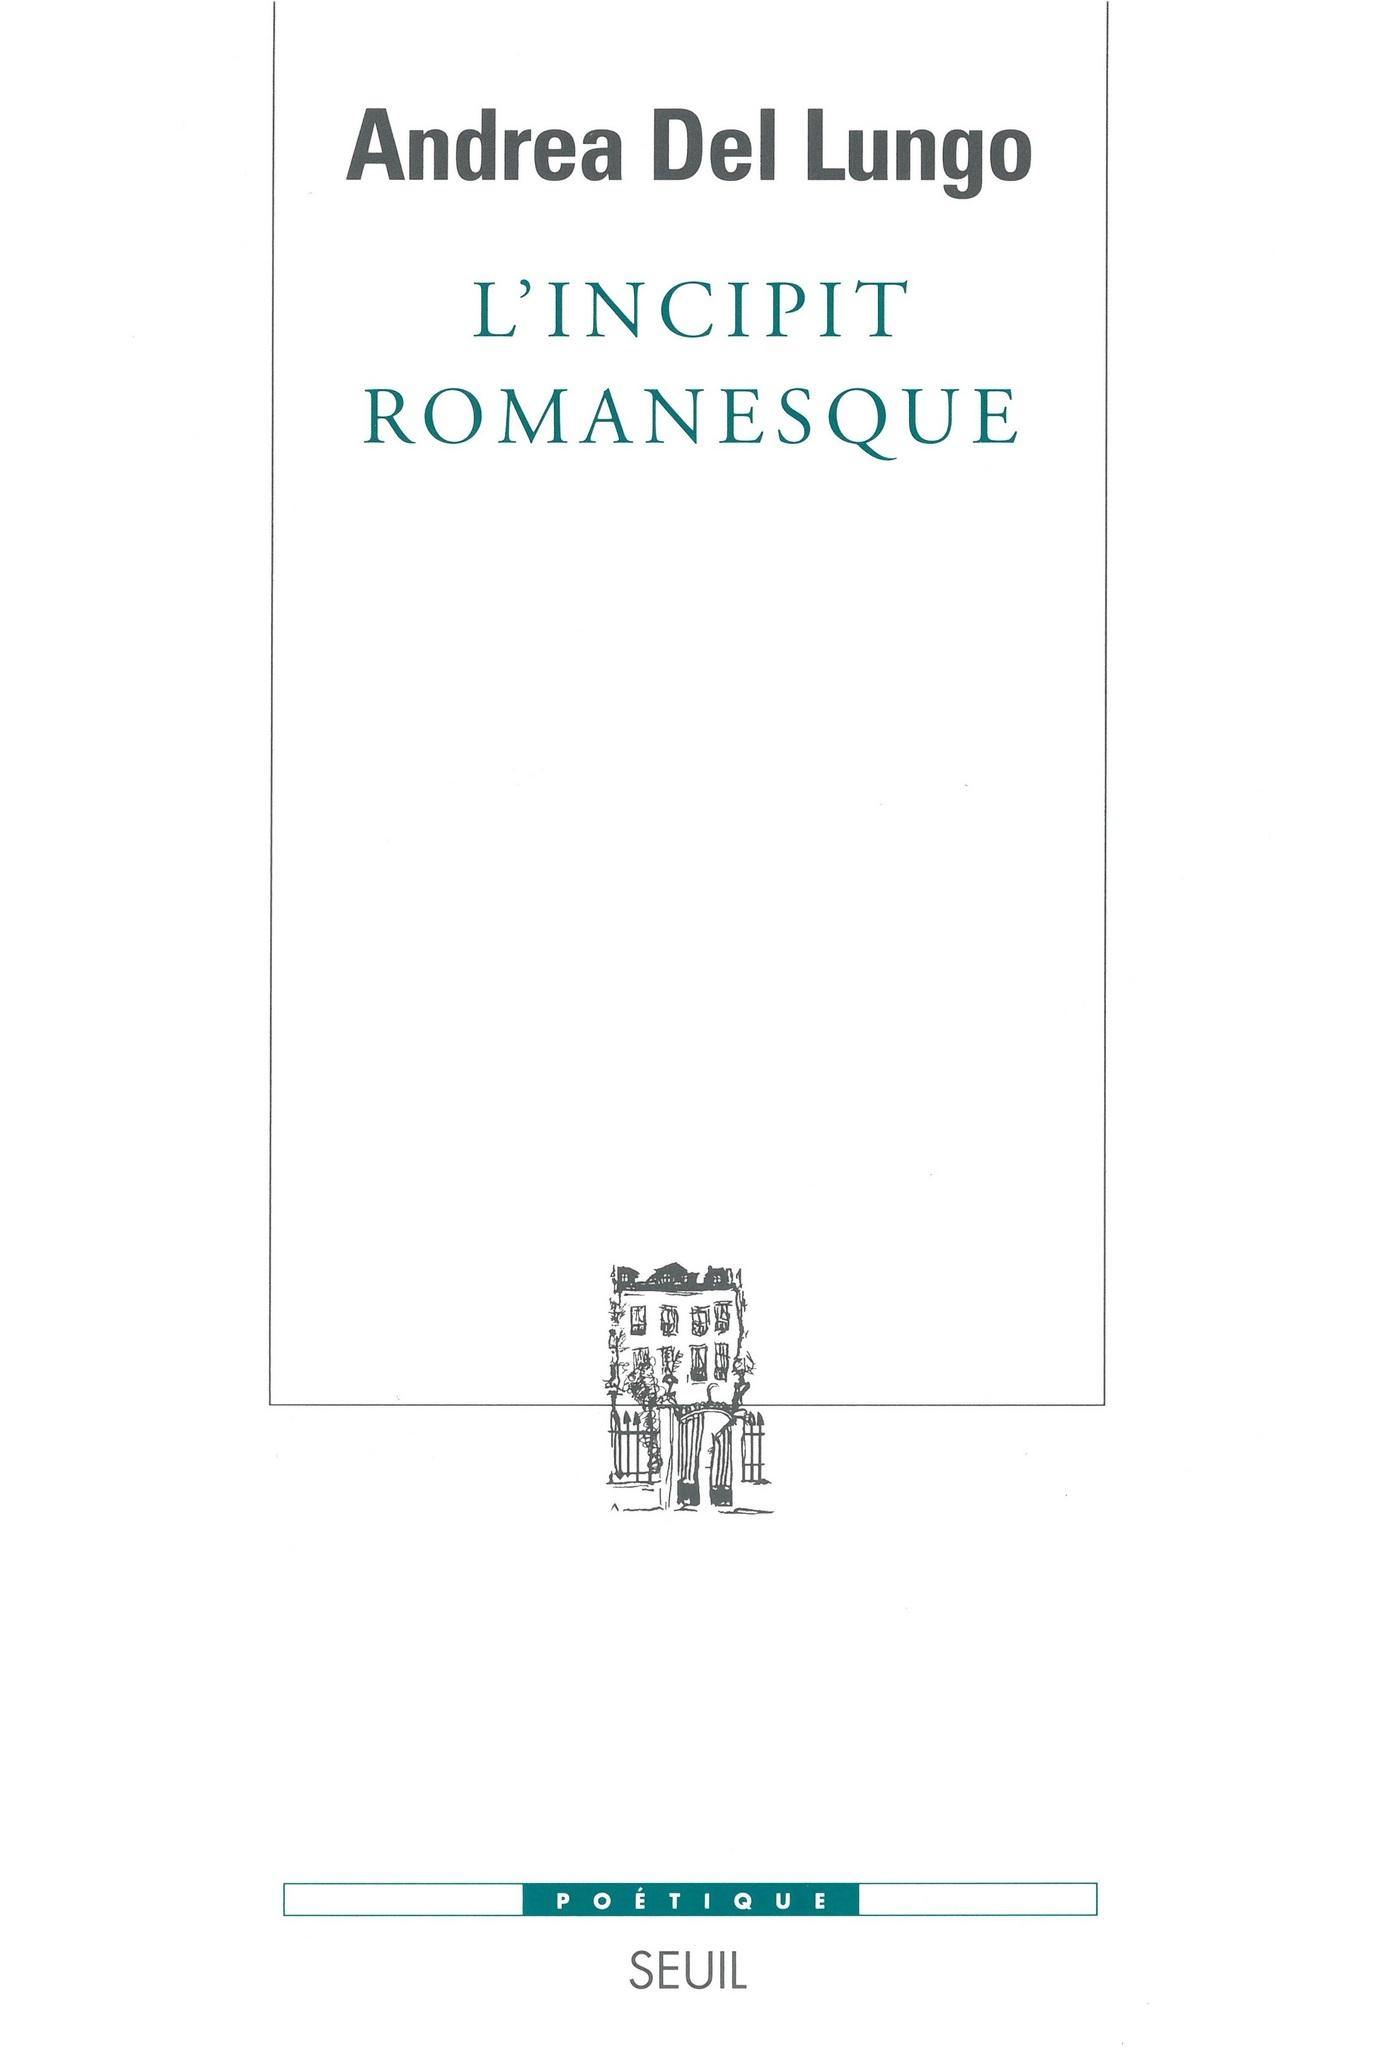 L'Incipit romanesque